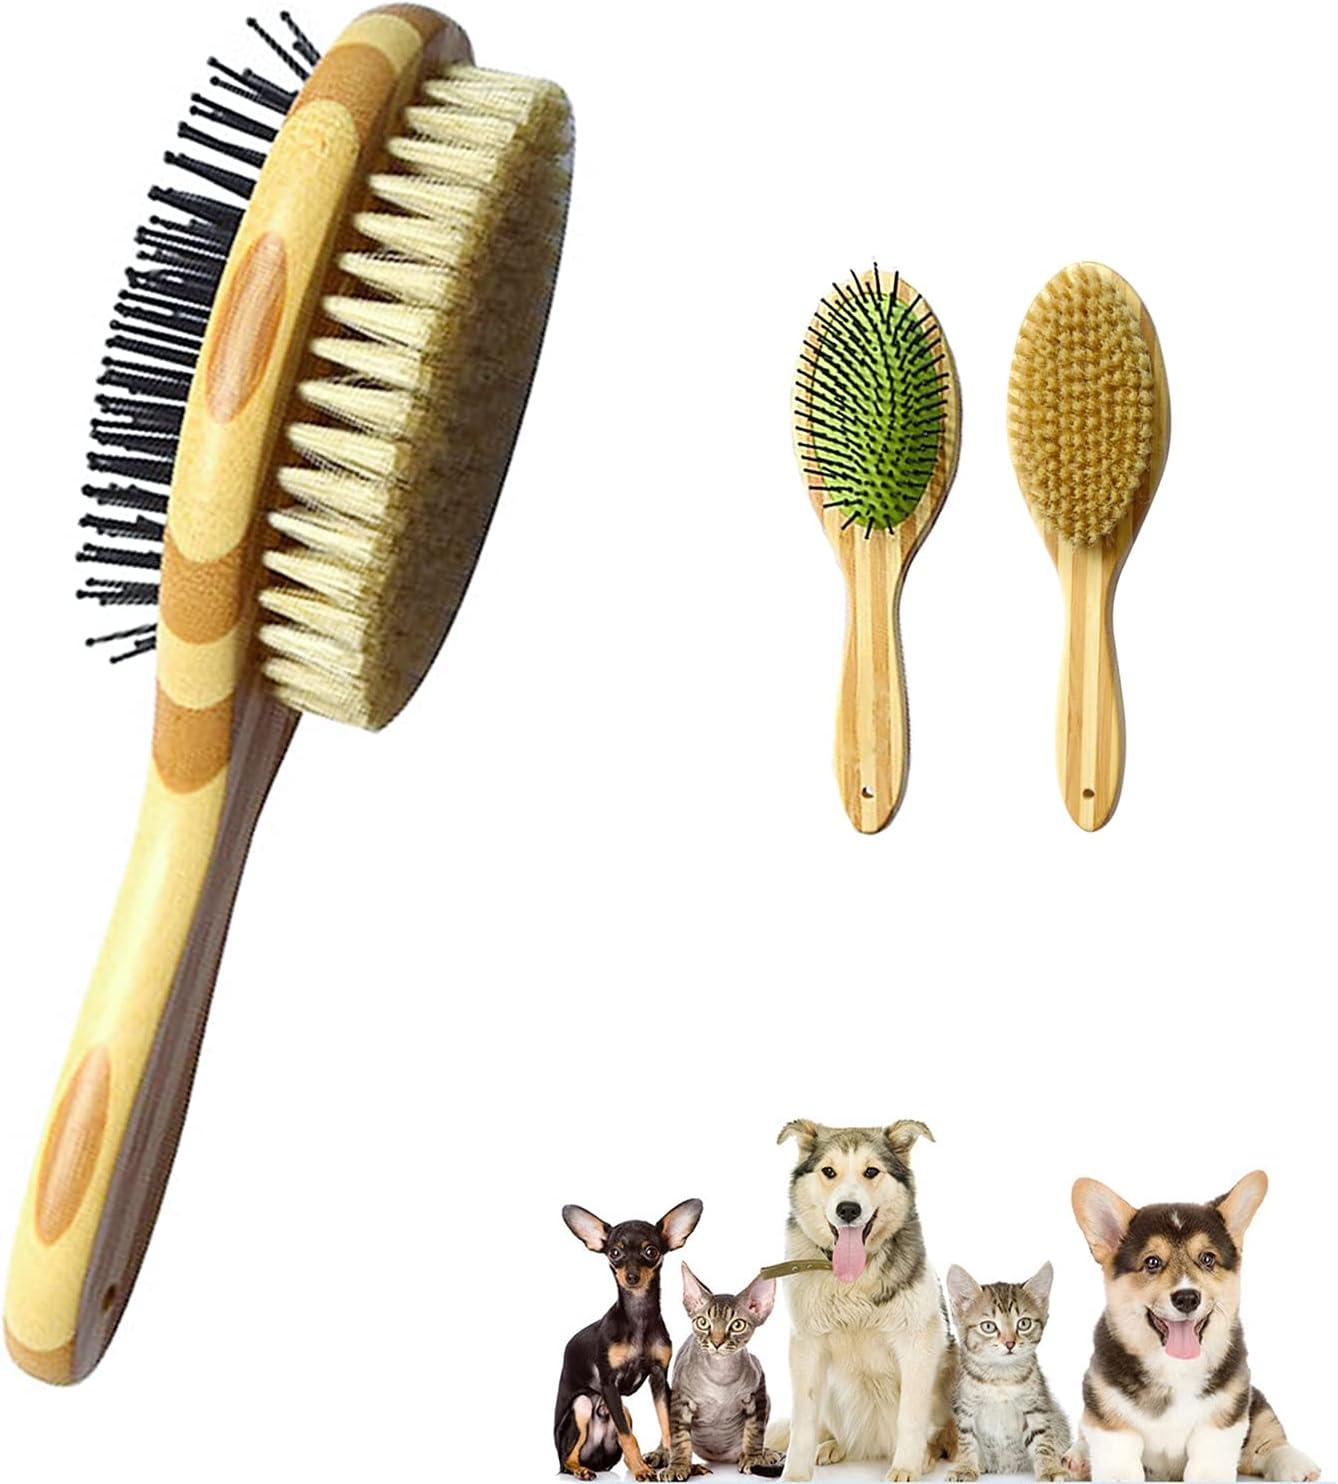 Peine para Mascotas, Cepillo Doble para Perro y Gato, 2 en 1 Peine de Masaje para Baño, Deshedding Cepillo para Perros y Gatos Pelo Corto Mediano o Largo Eliminar el Pelo Flotante